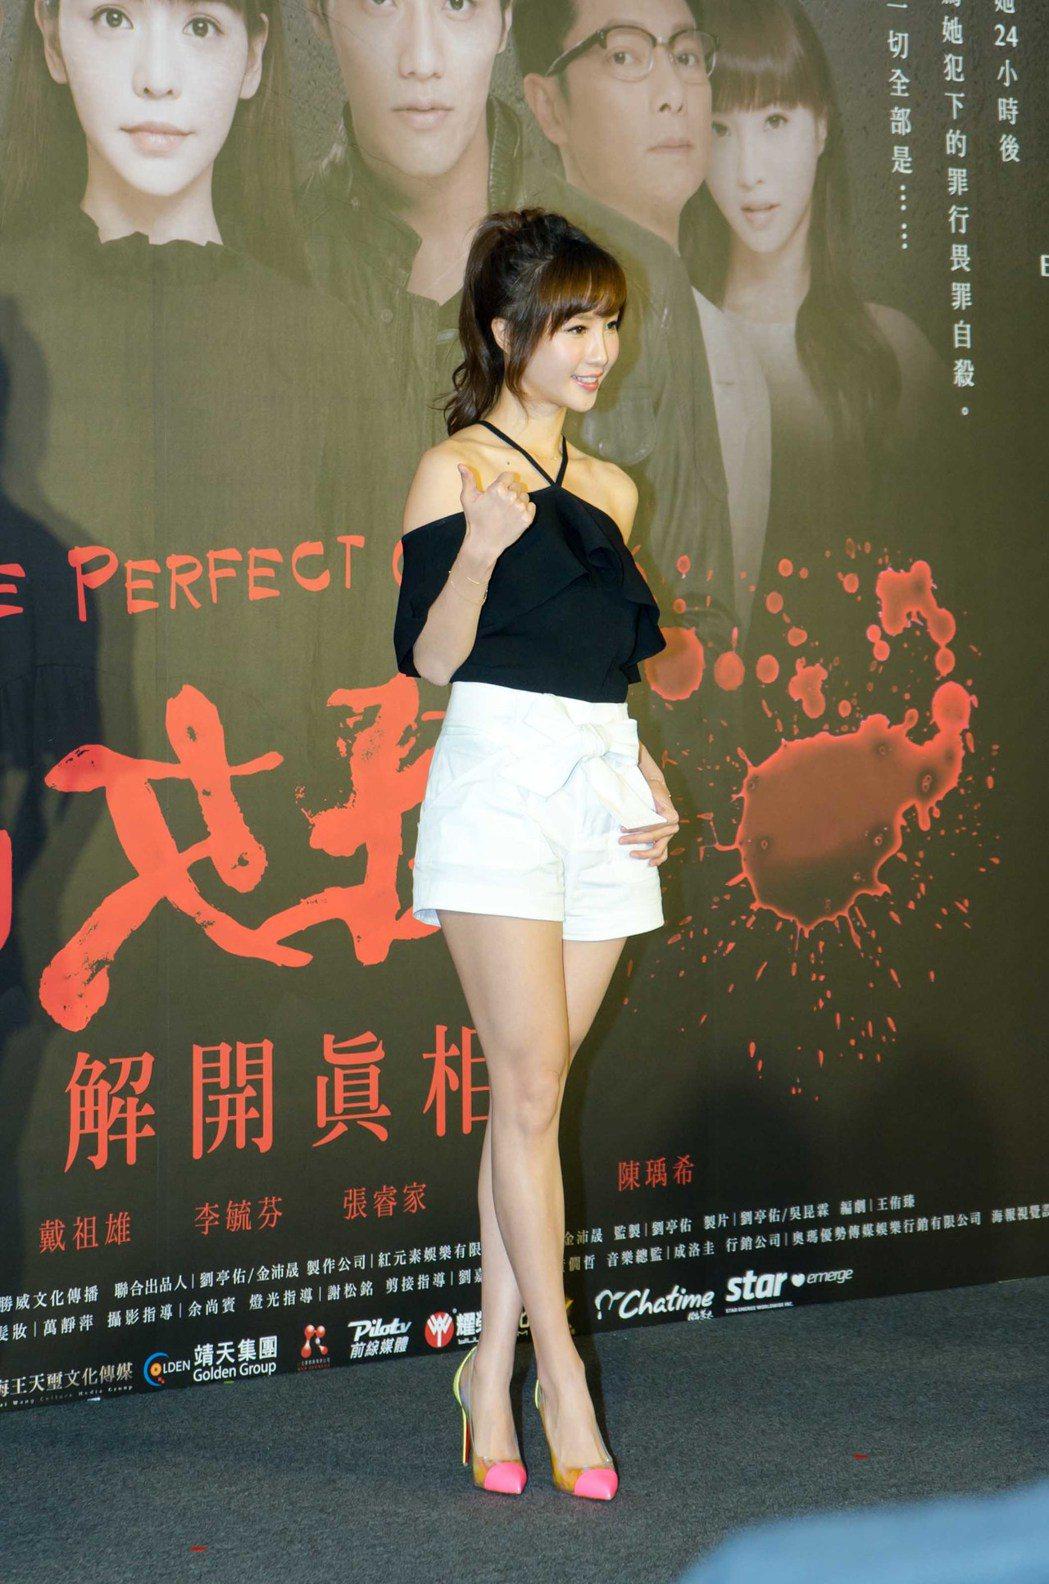 小茉莉是「最完美的女孩」美女陣容之一。圖/海王天璽提供